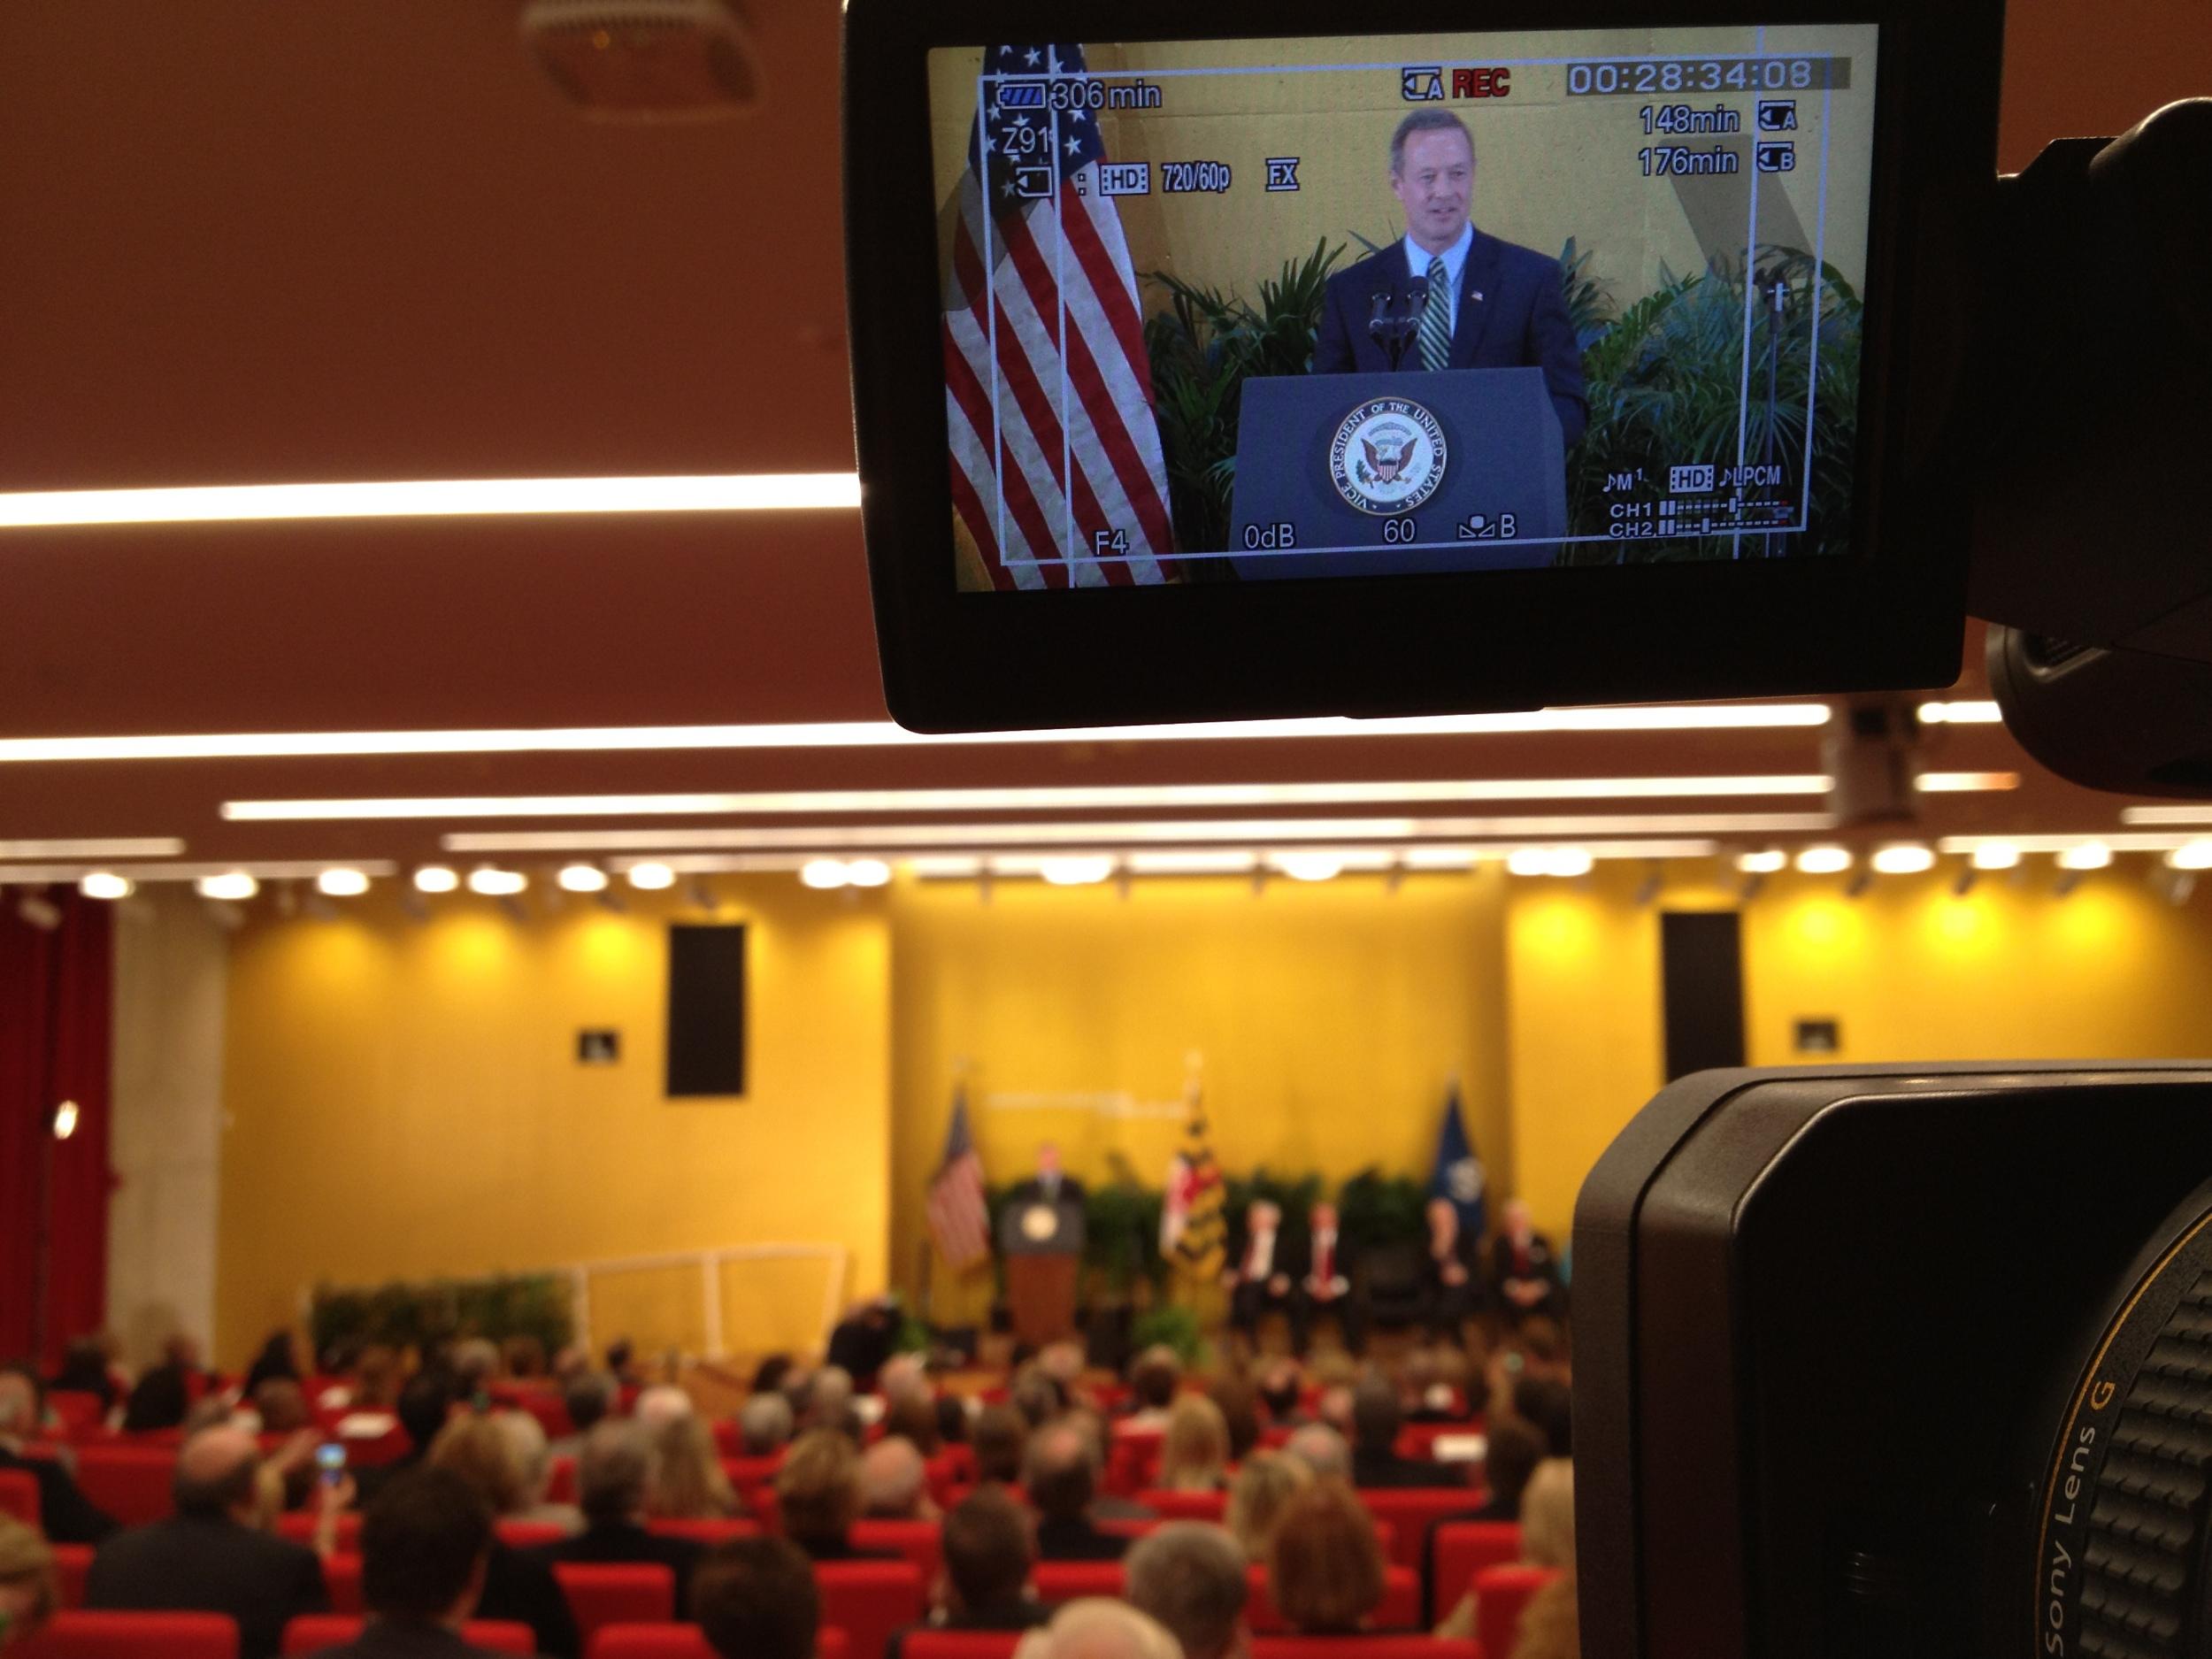 Maryland Governor Martin O'Malley